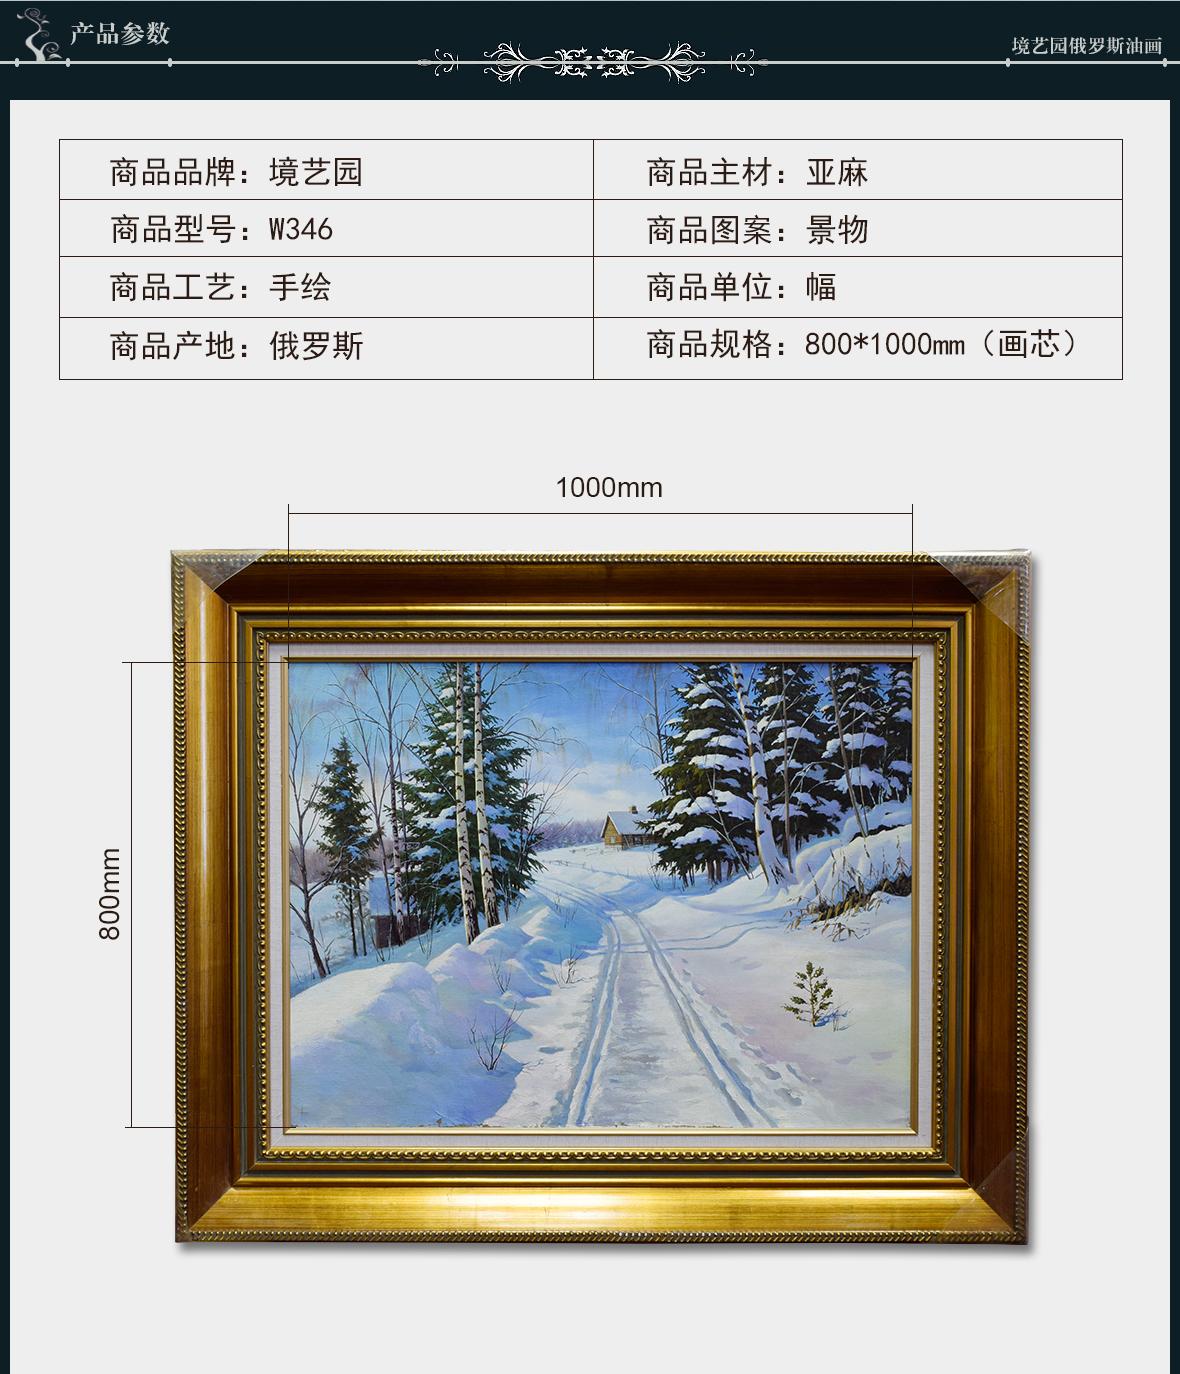 境艺园俄罗斯油画 W346型号俄罗斯进口亚麻主材风景雪景 参数